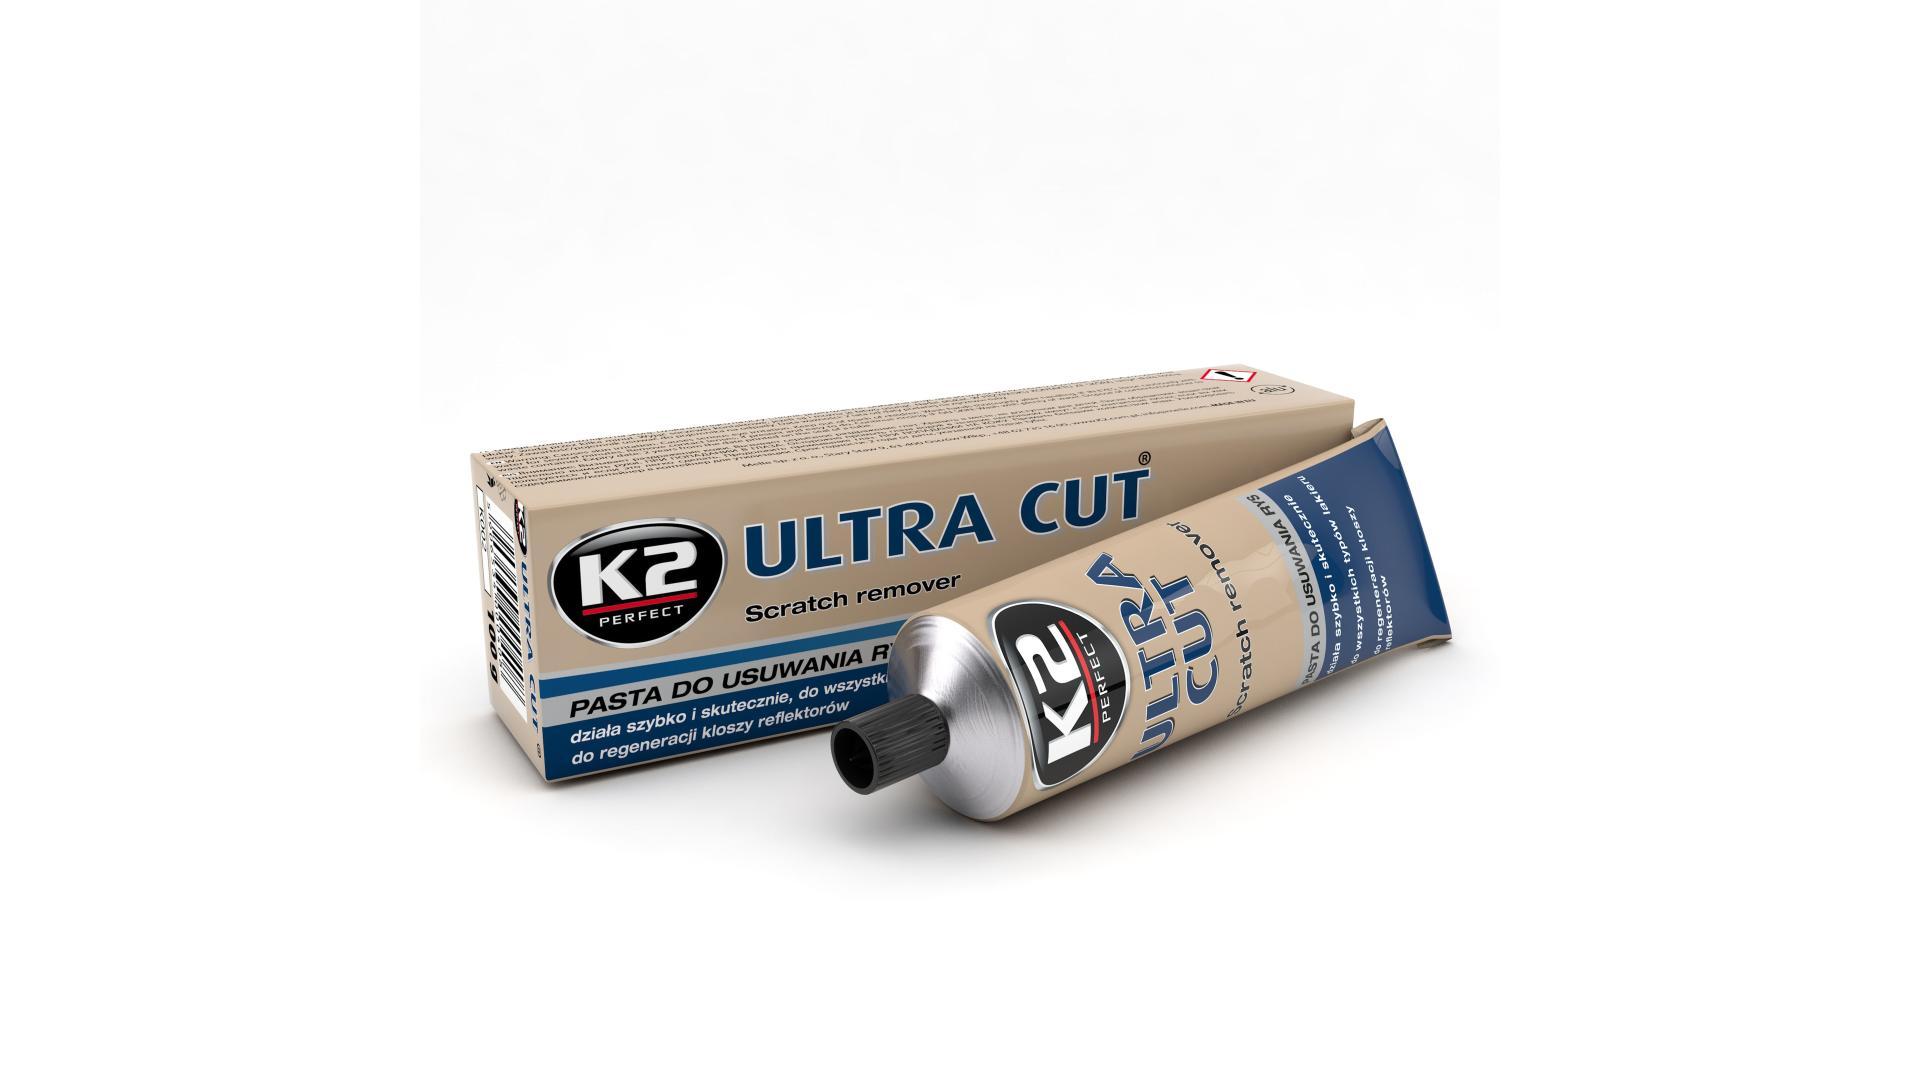 K2 ULTRA CUT 100 odstraňovač škrabancov